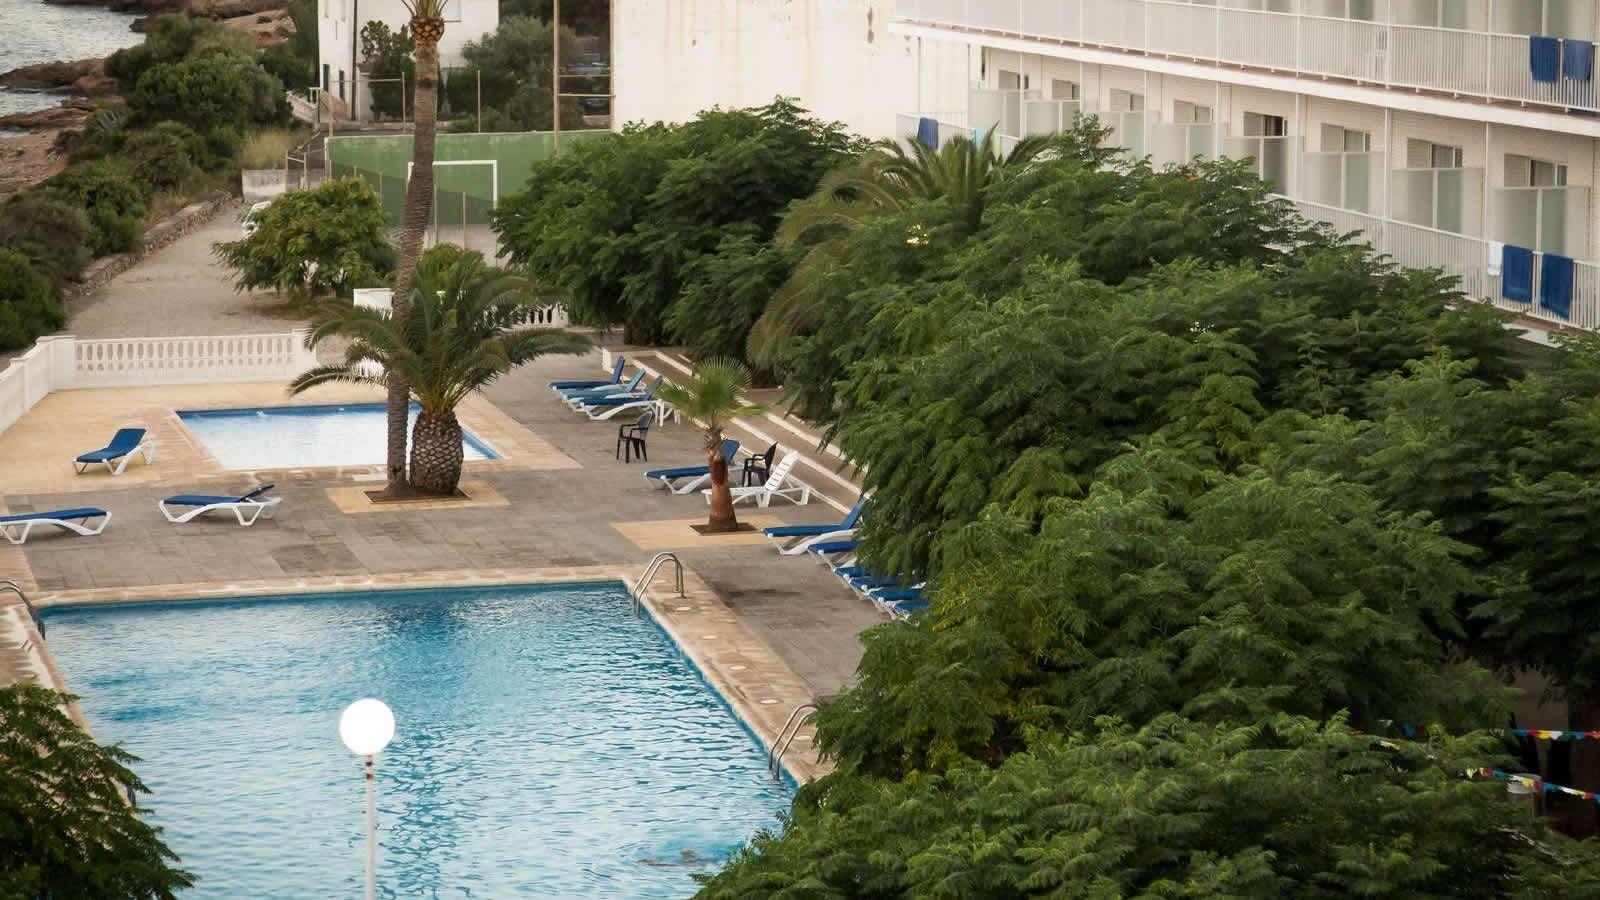 Piscines de l'hotel Sant Carles de la Ràpita, Alcanar, delta de l'Ebre